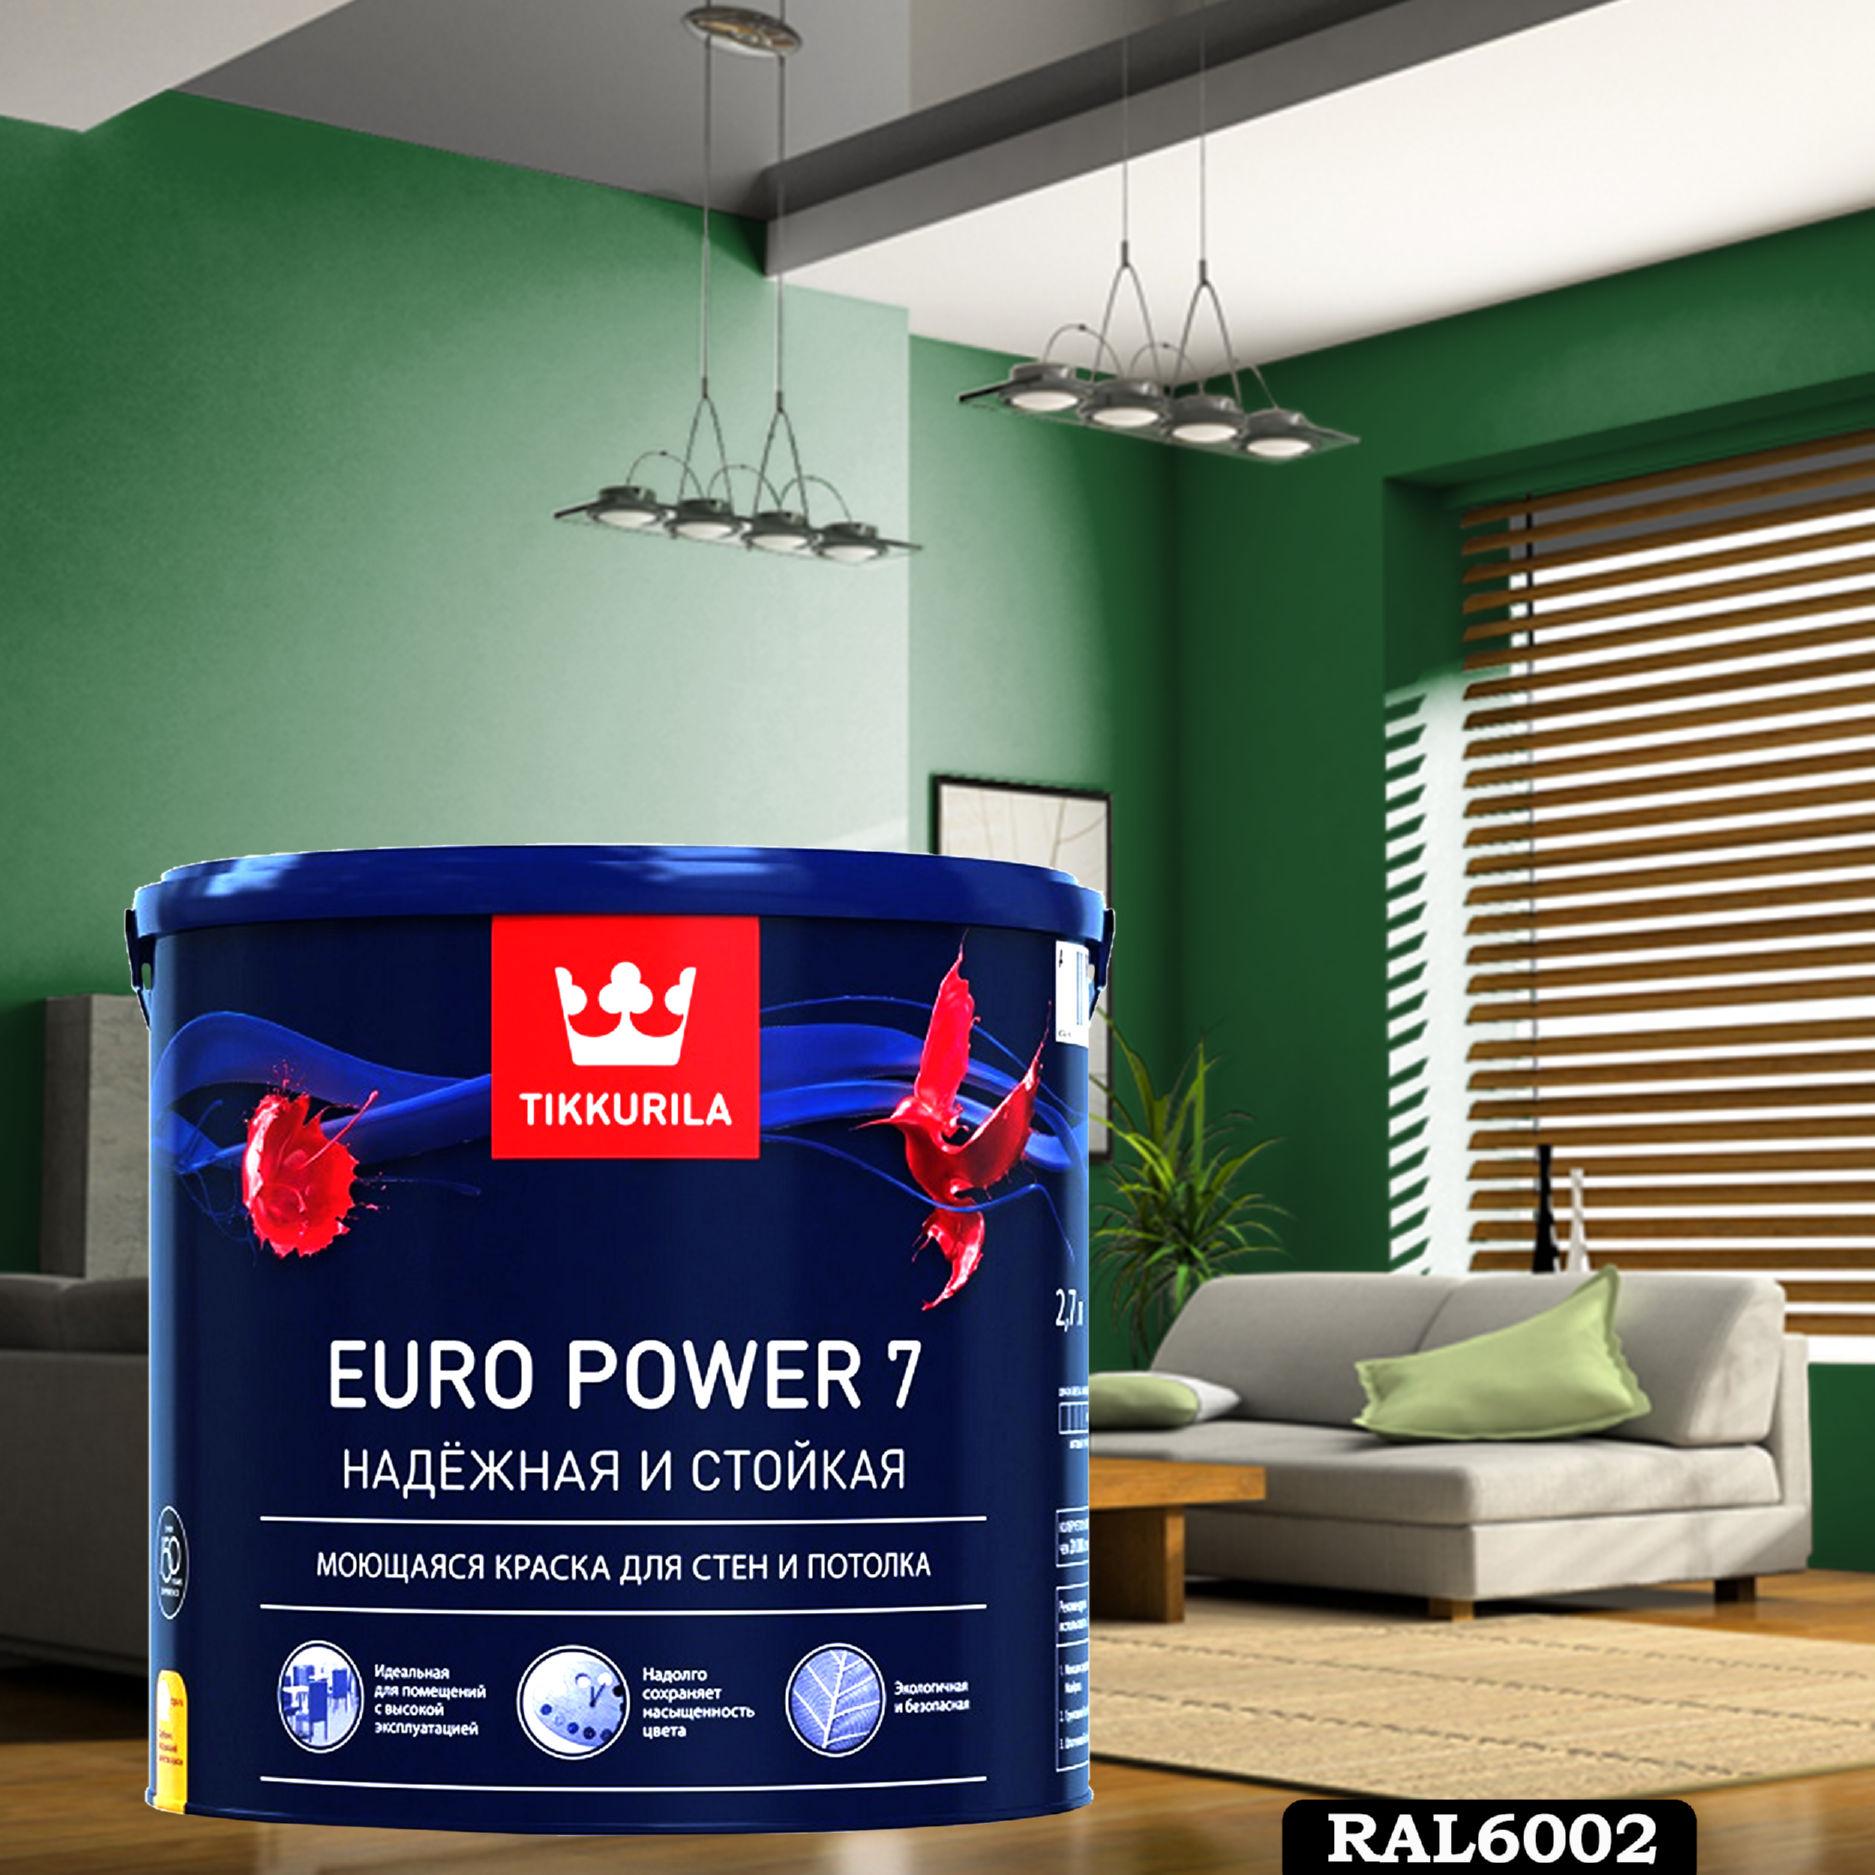 Фото 3 - Краска TIKKURILA Euro Power 7,  RAL 6002 Зеленый-лист, латексная моющаяся матовая интерьерная, 9 л.